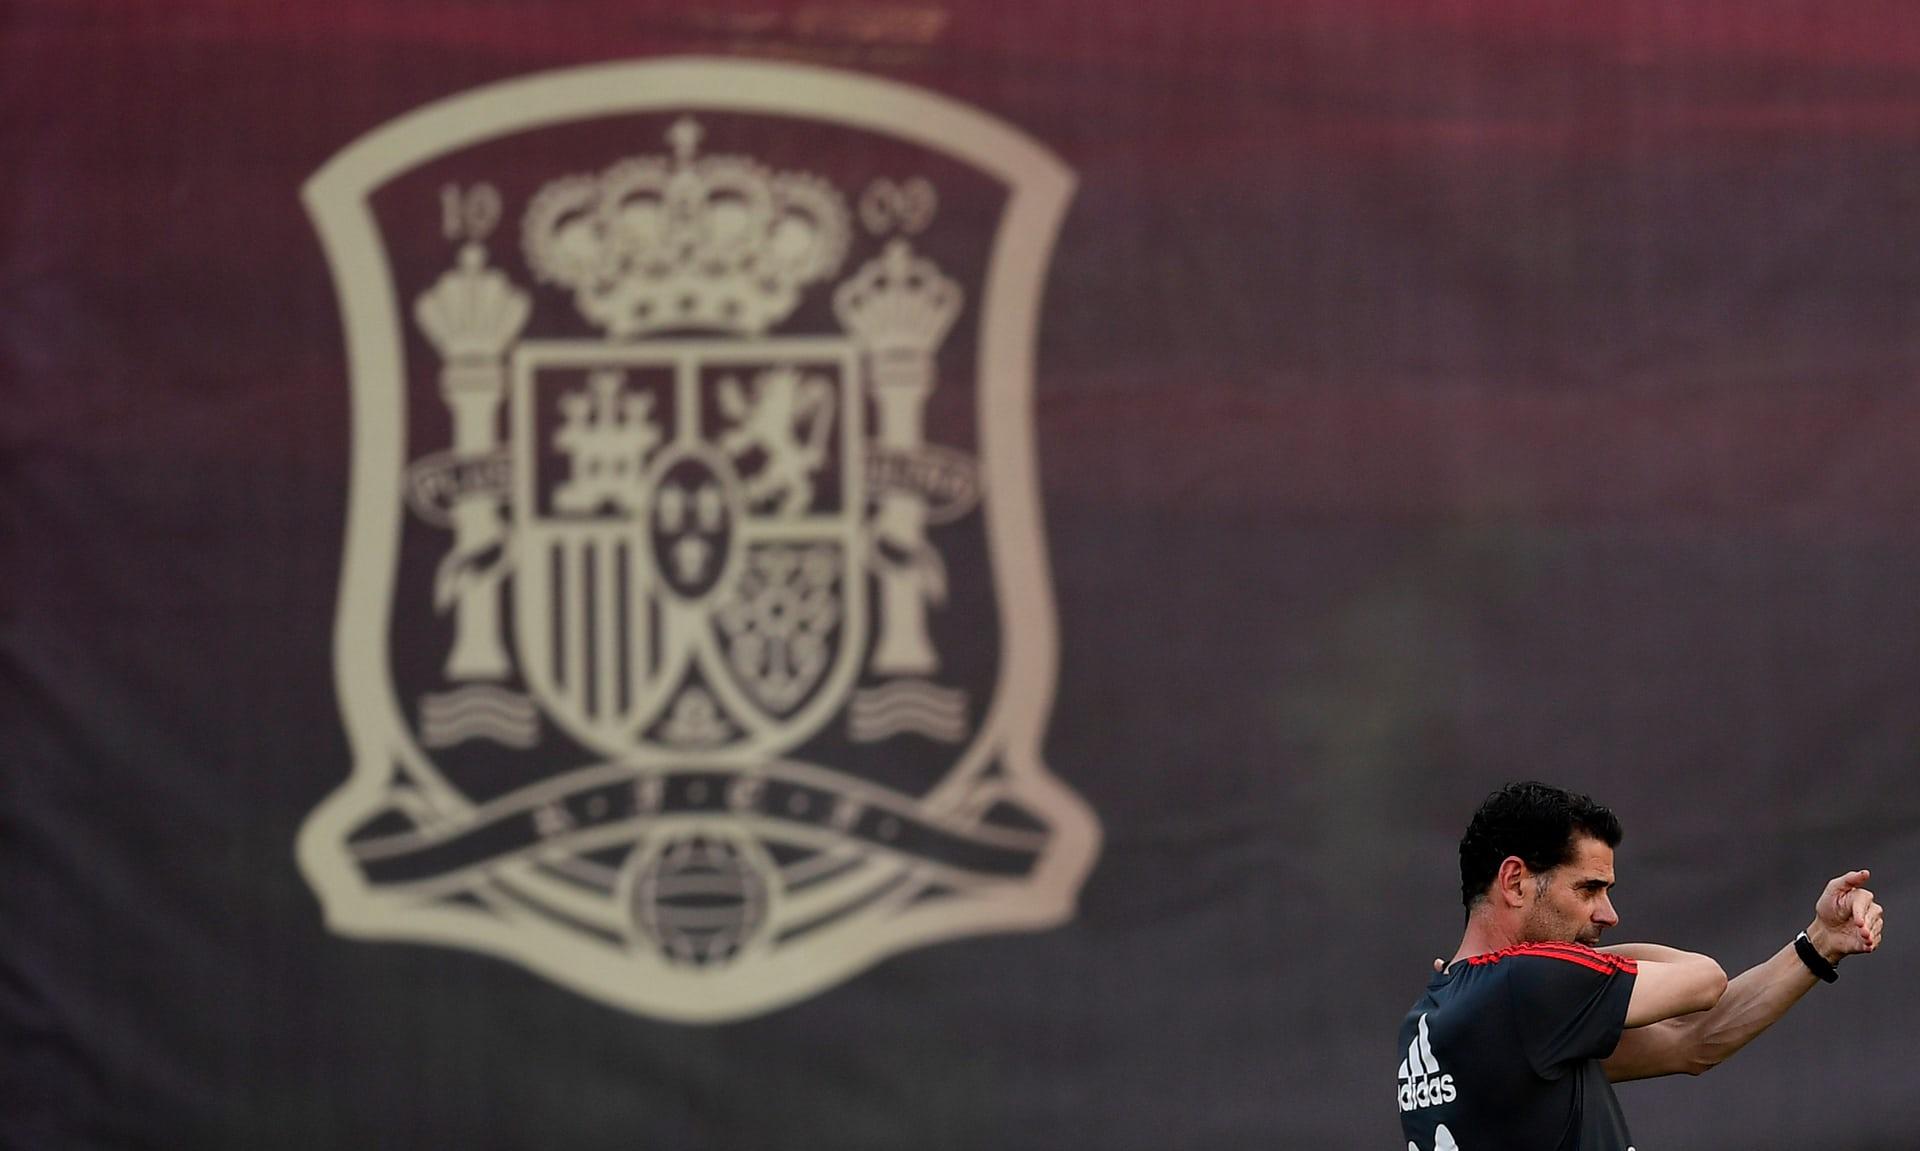 Spanyol vs Rusia: Ajang Pembuktian Hierro dan Tuan Rumah Rusia